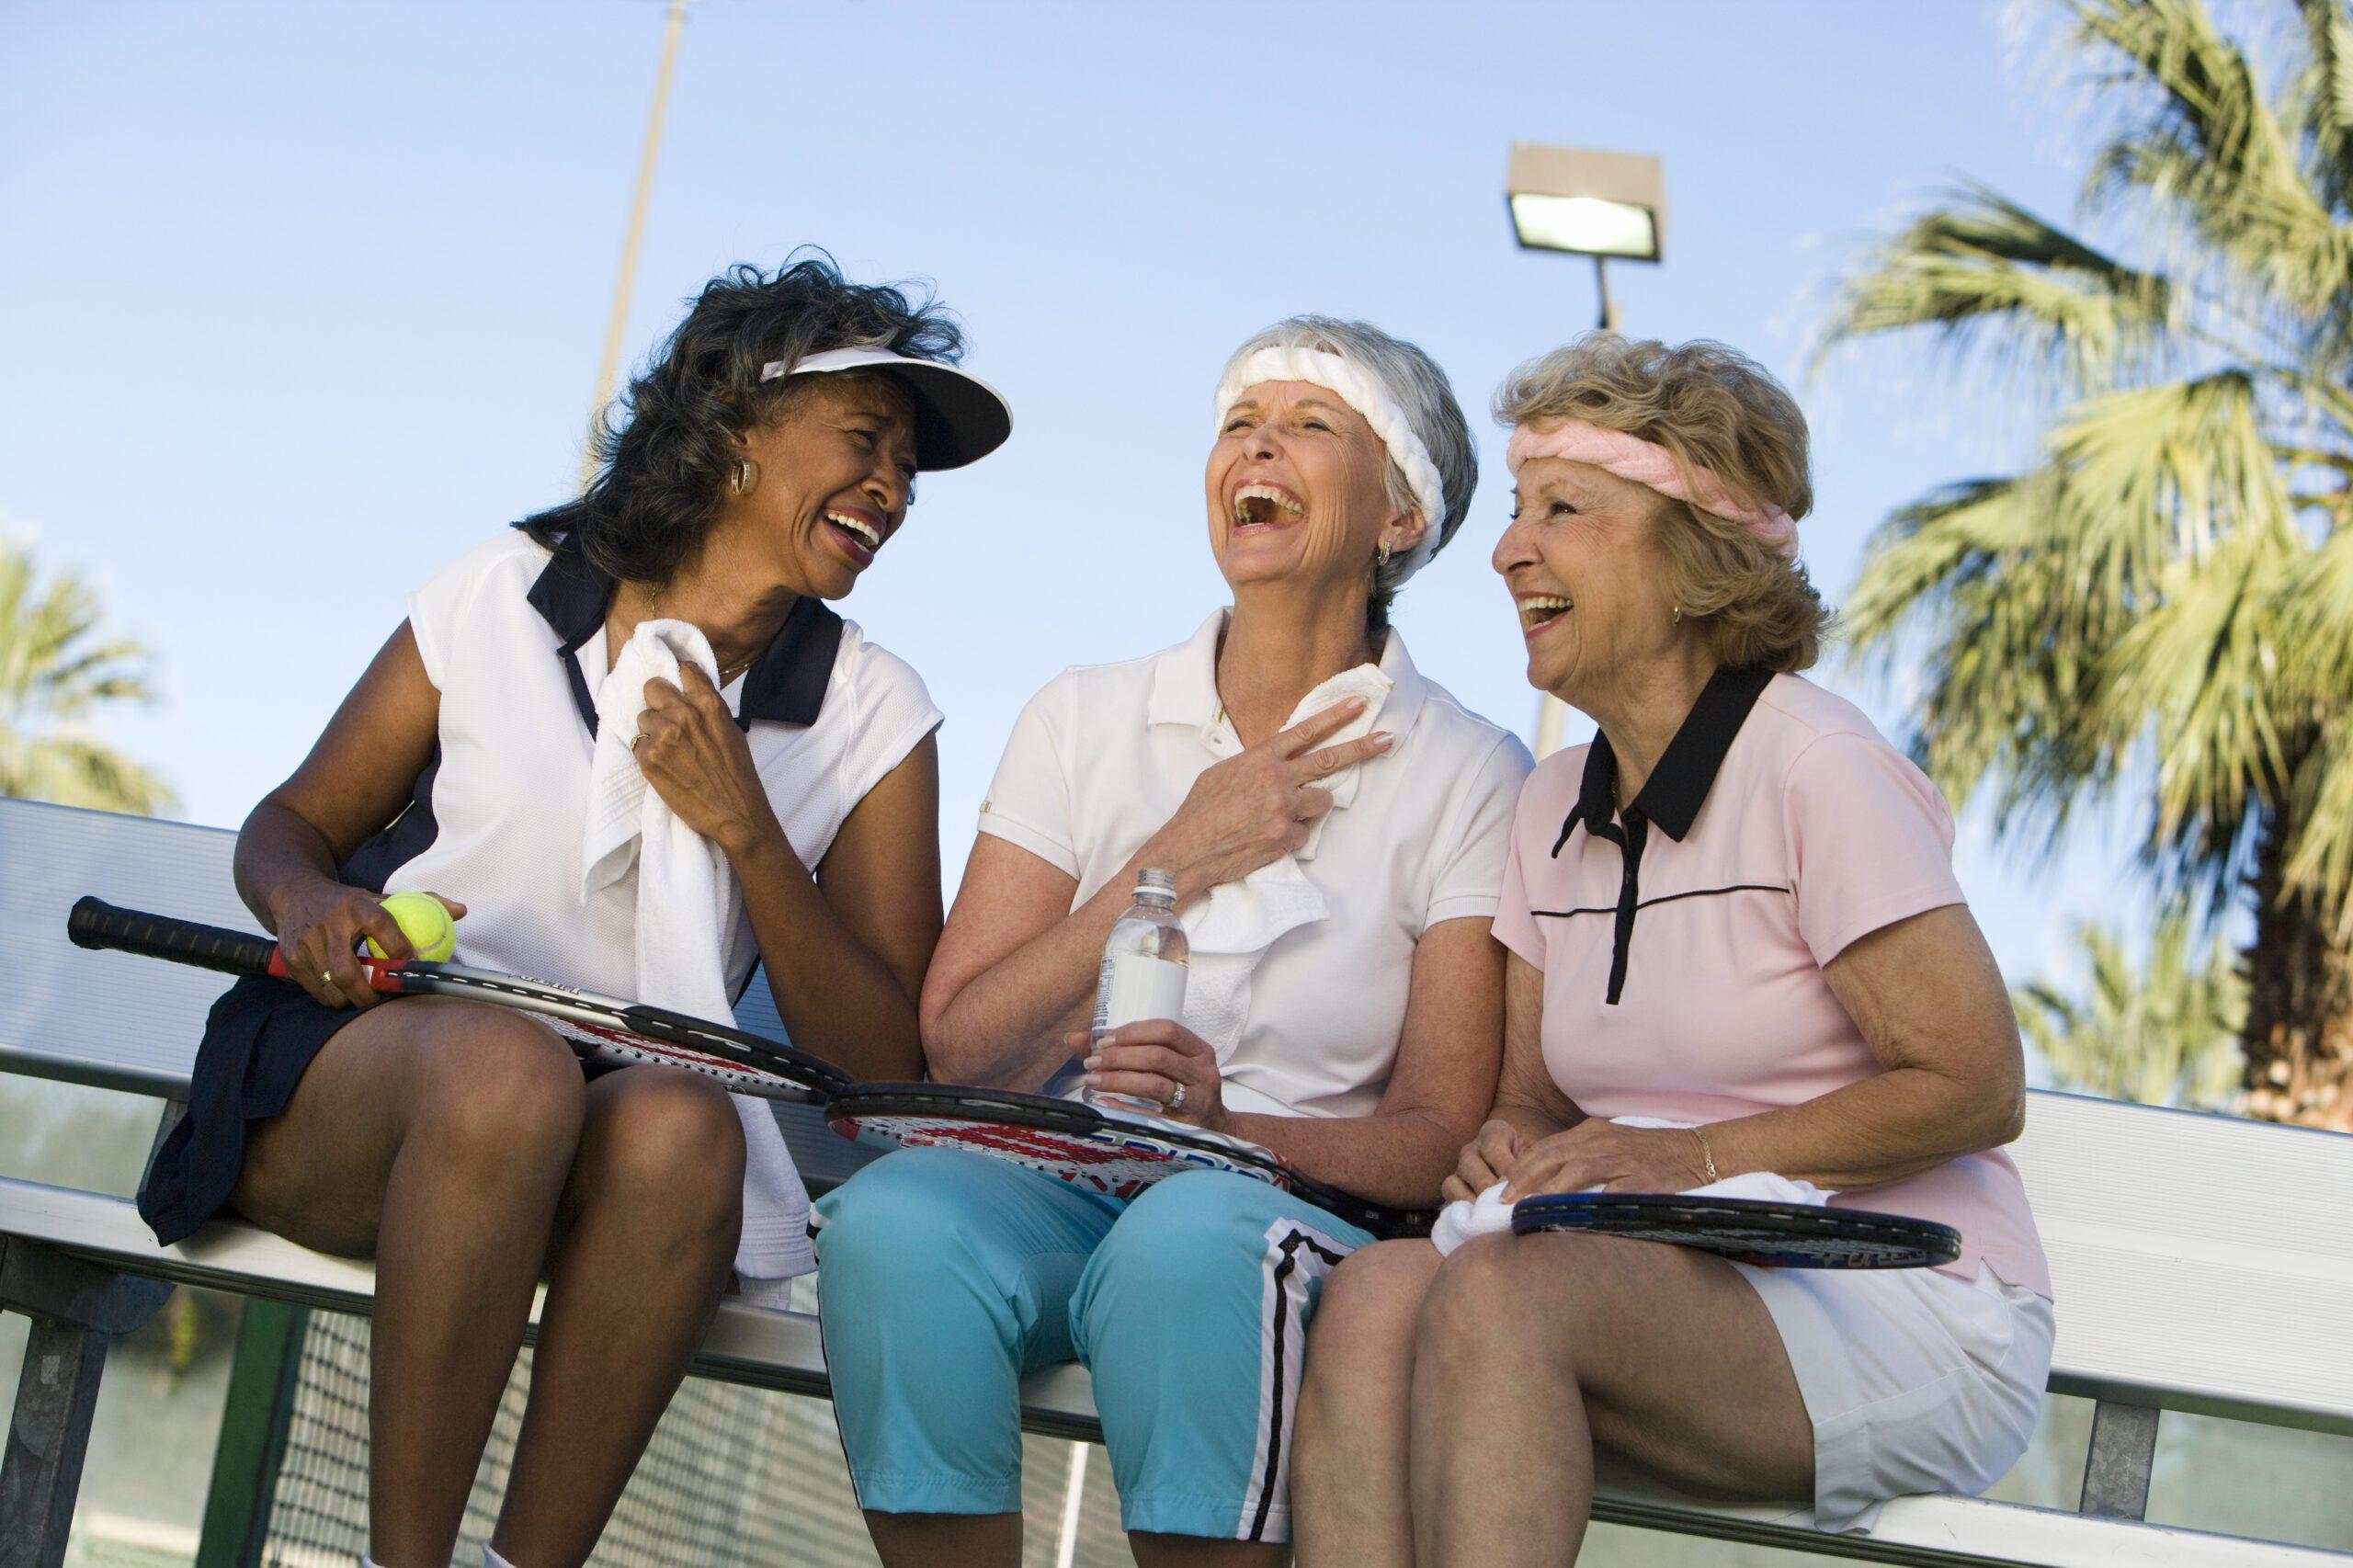 Three women on tennis court